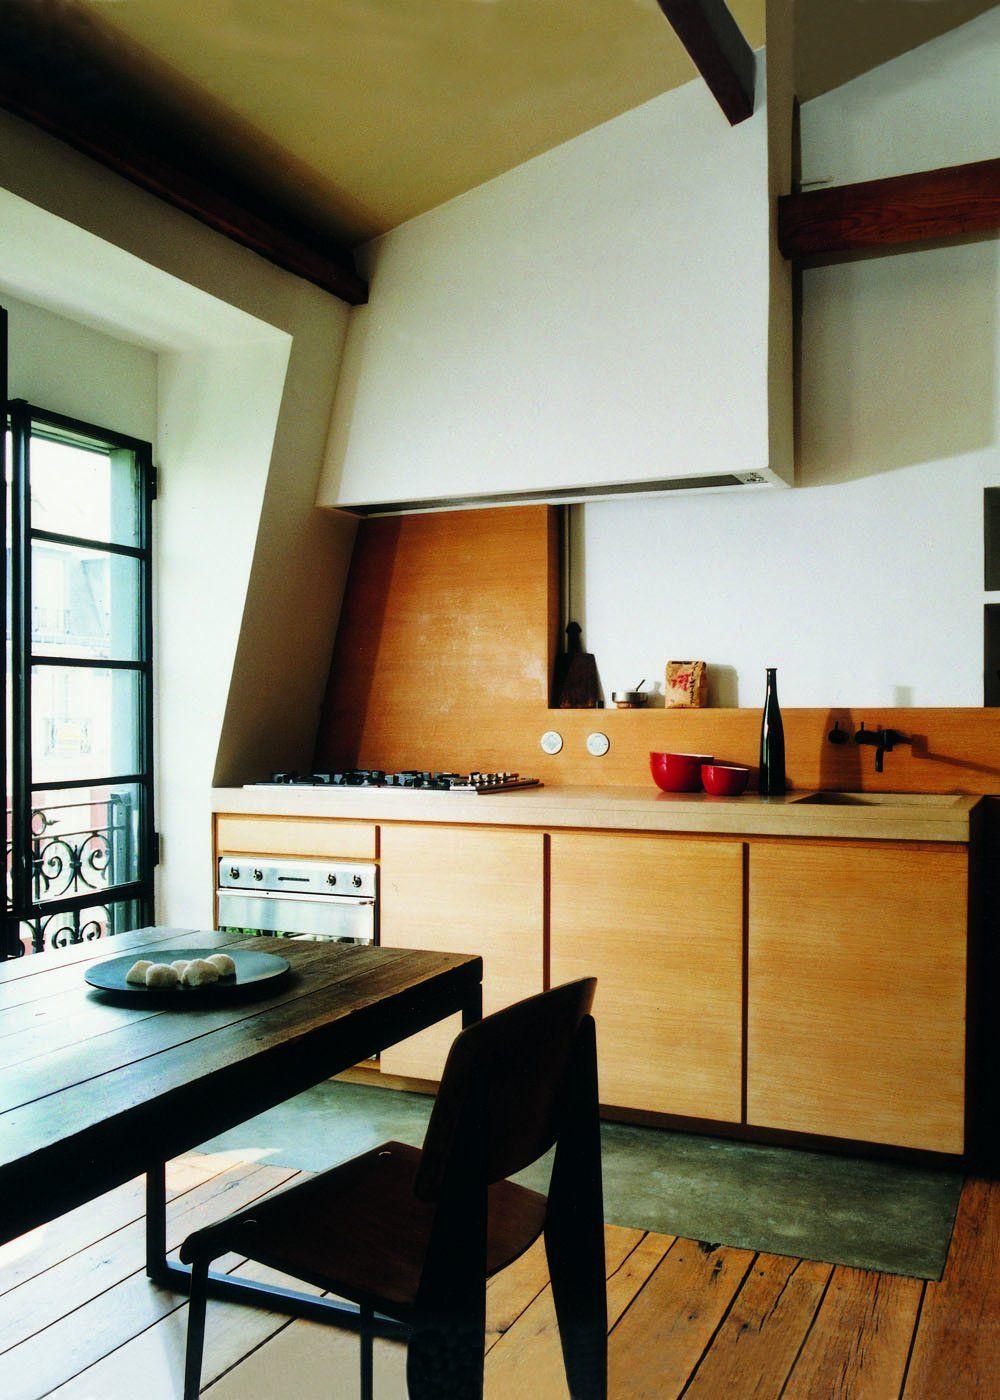 Cuisine mansardée : toutes nos plus belles idées pour bien l'aménager   Belle cuisine, Cuisines ...